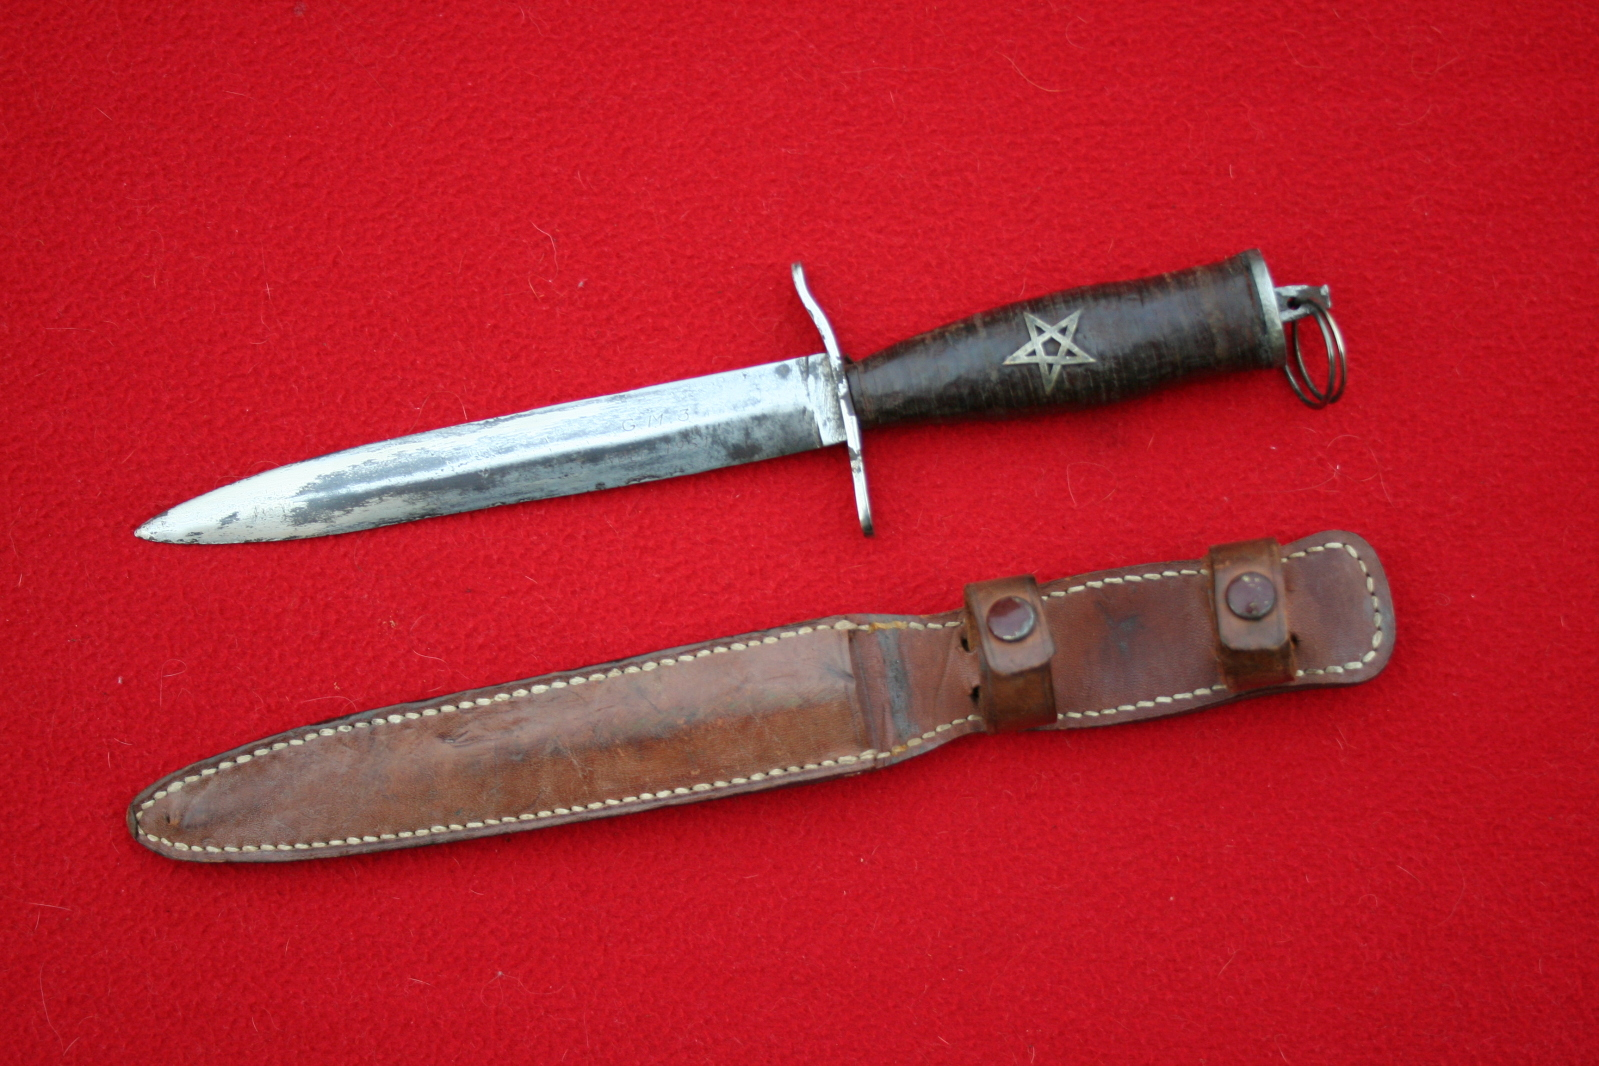 collection de lames de fabnatcyr (dague poignard couteau) - Page 5 23k81ee